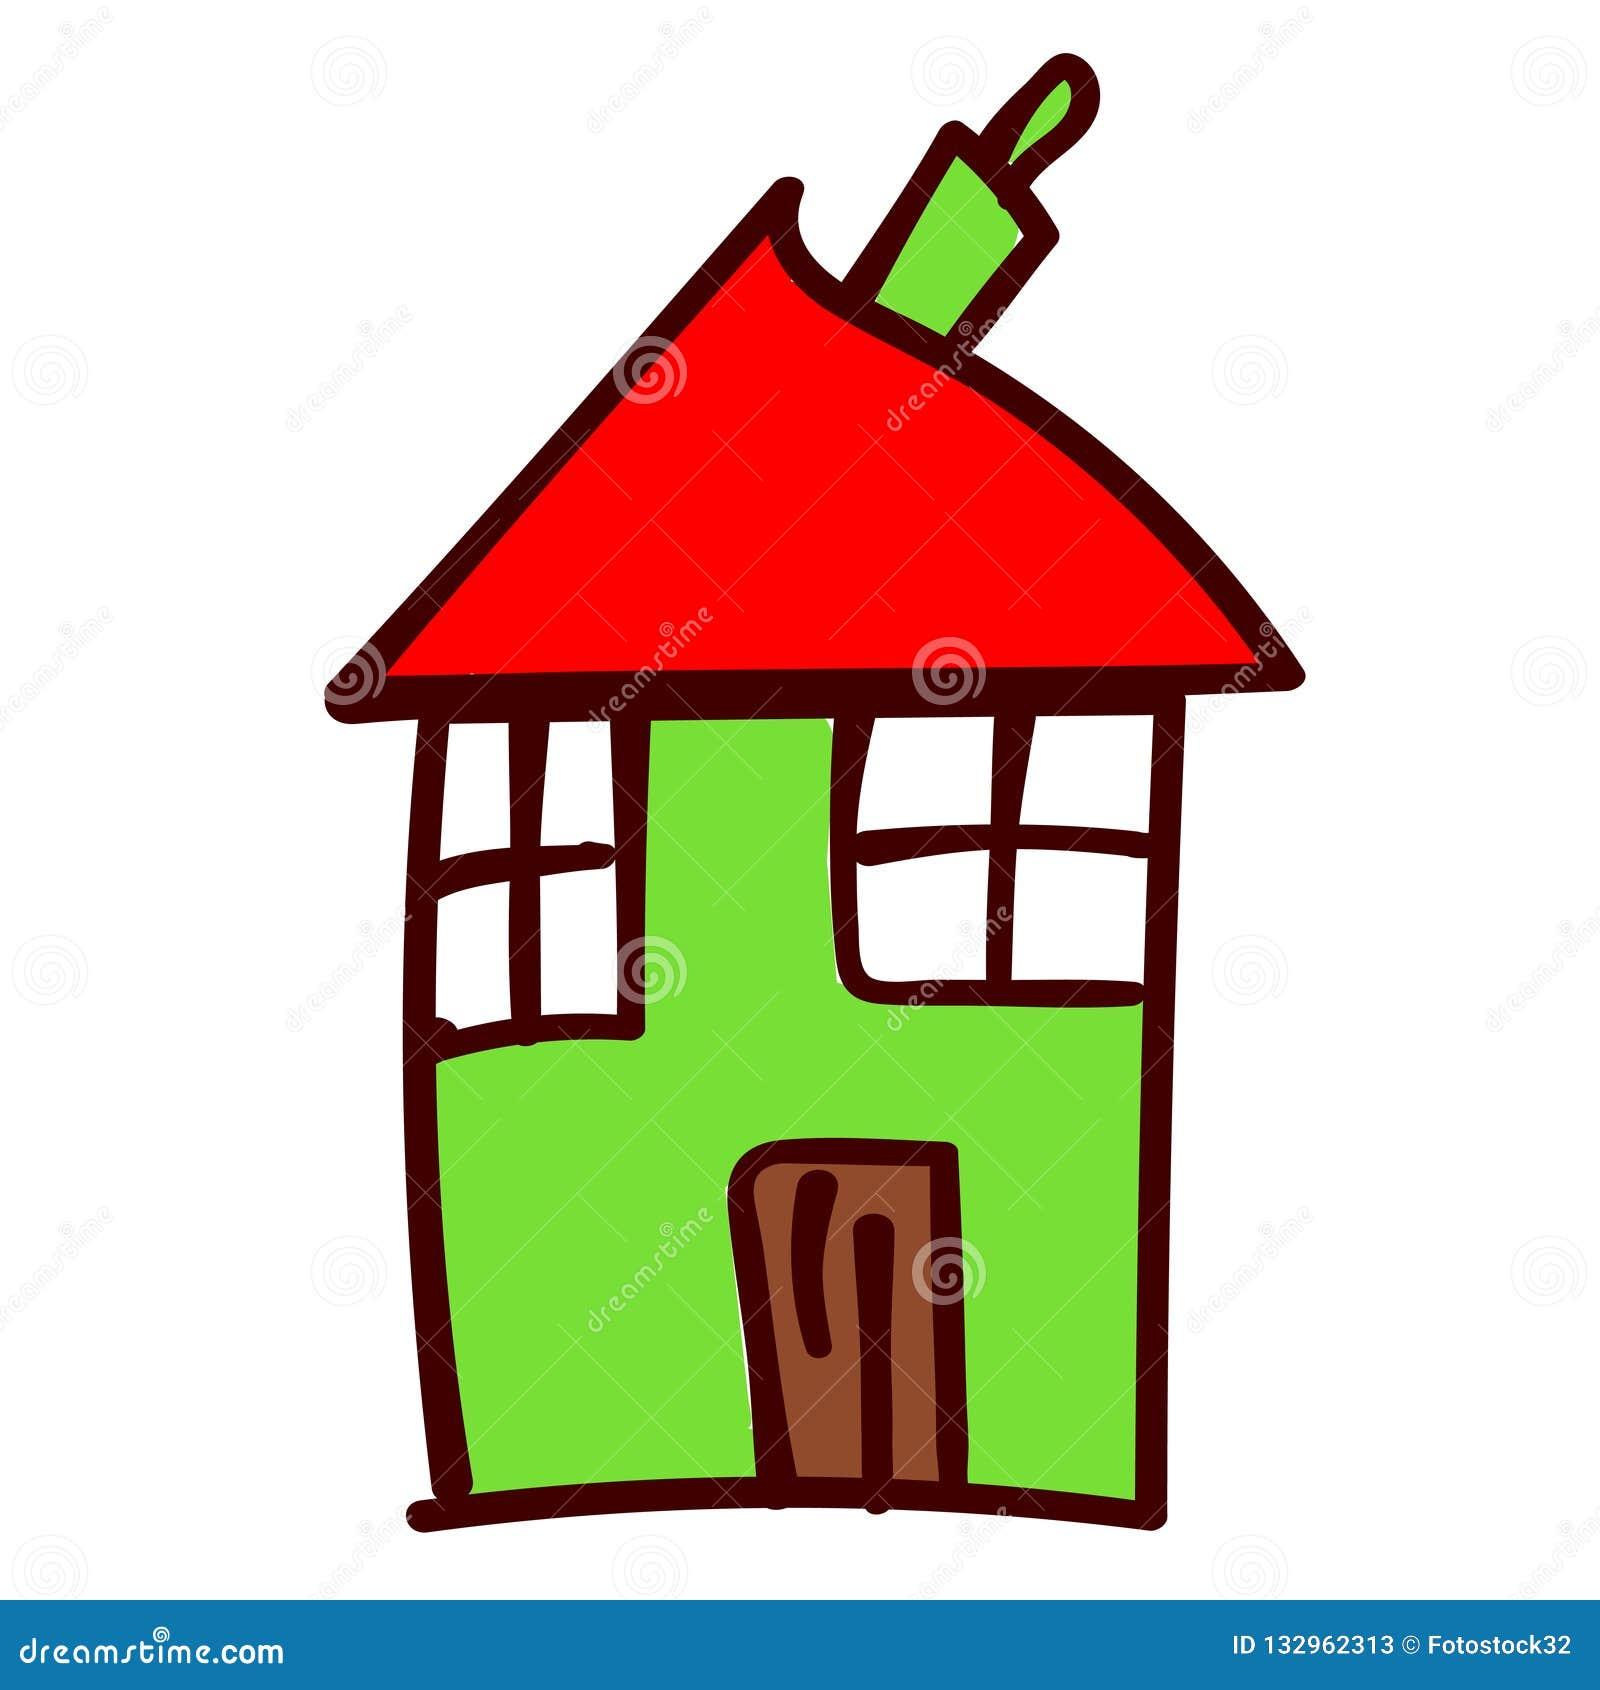 Huis in de stijl van de tekeningen van kinderen